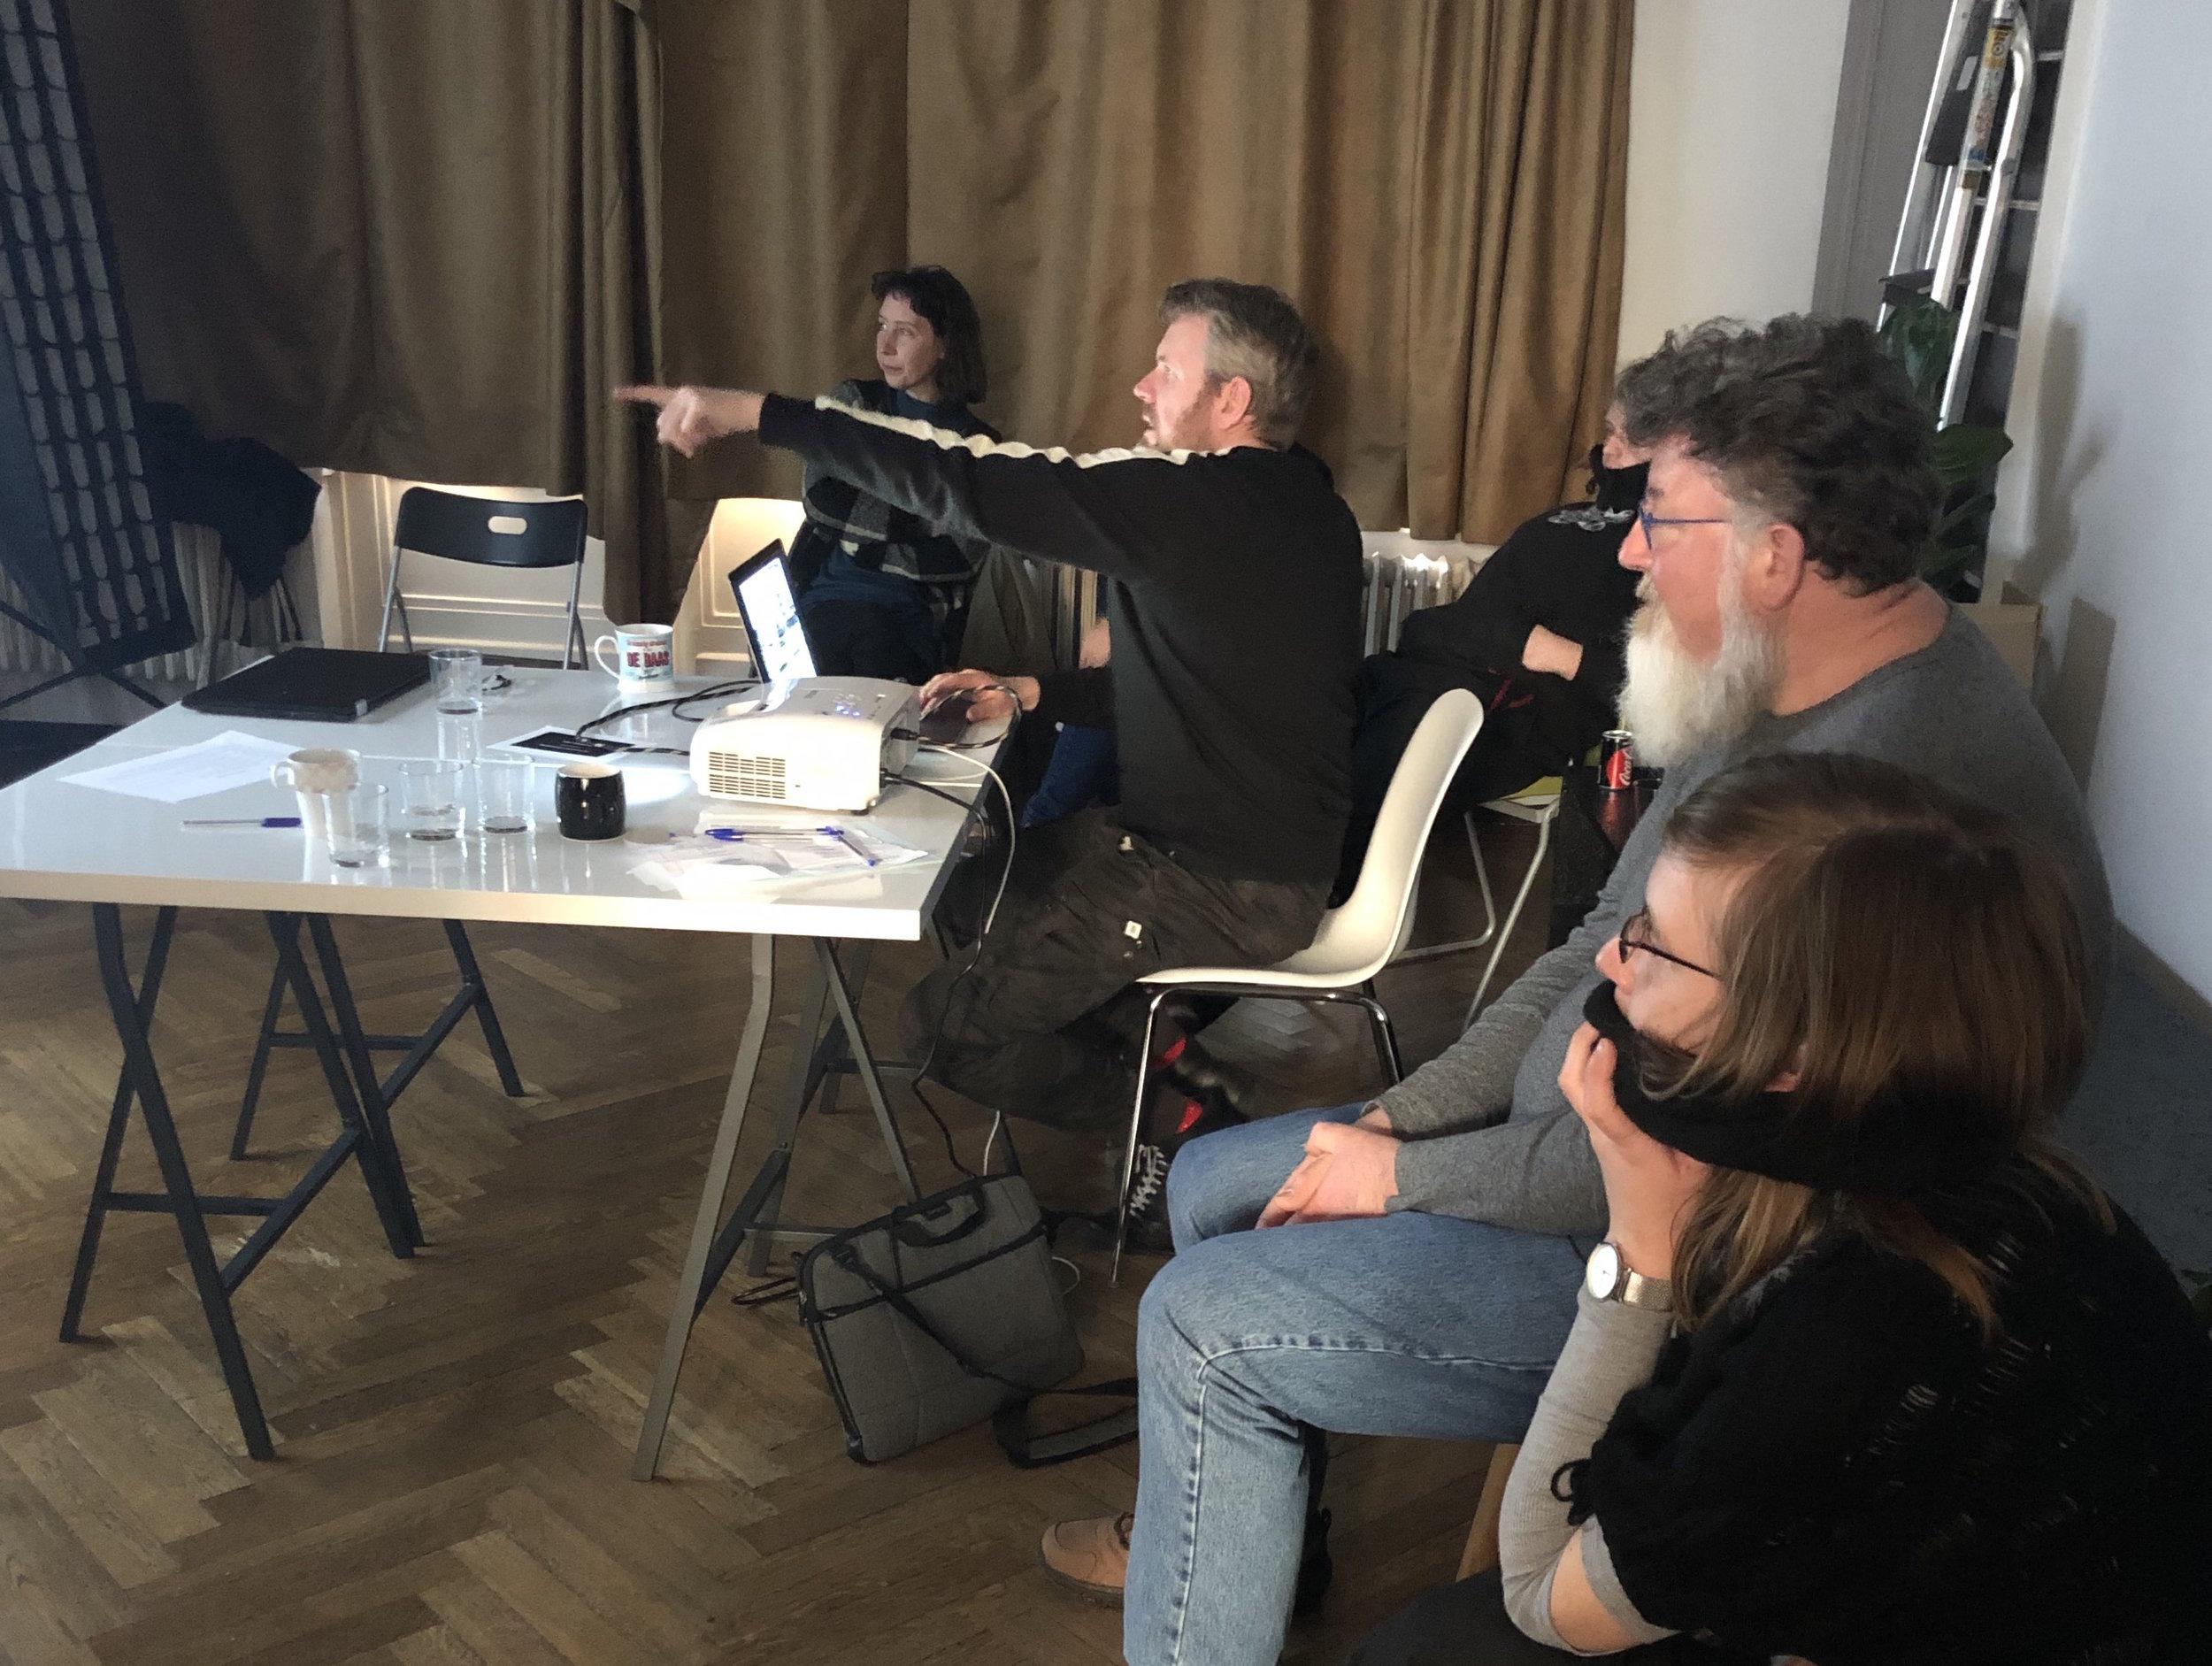 Stedelijke Ruimte- Franky Verdickt - Hoe verandert het stedelijke landschap? welke economische en politieke belangen zitten in de vorming van de publieke ruimte? En hoe publiek is de publieke ruimte nog? Wordt ze meer en meer ingepalmd door bouwpromotoren die hun eigen plannen opdringen? In deze workshop (be)zoek je plekken in het Gentse en kijk je met een kritische documentaire fotografische blik op stadsuitbreiding en -ontwikkeling.